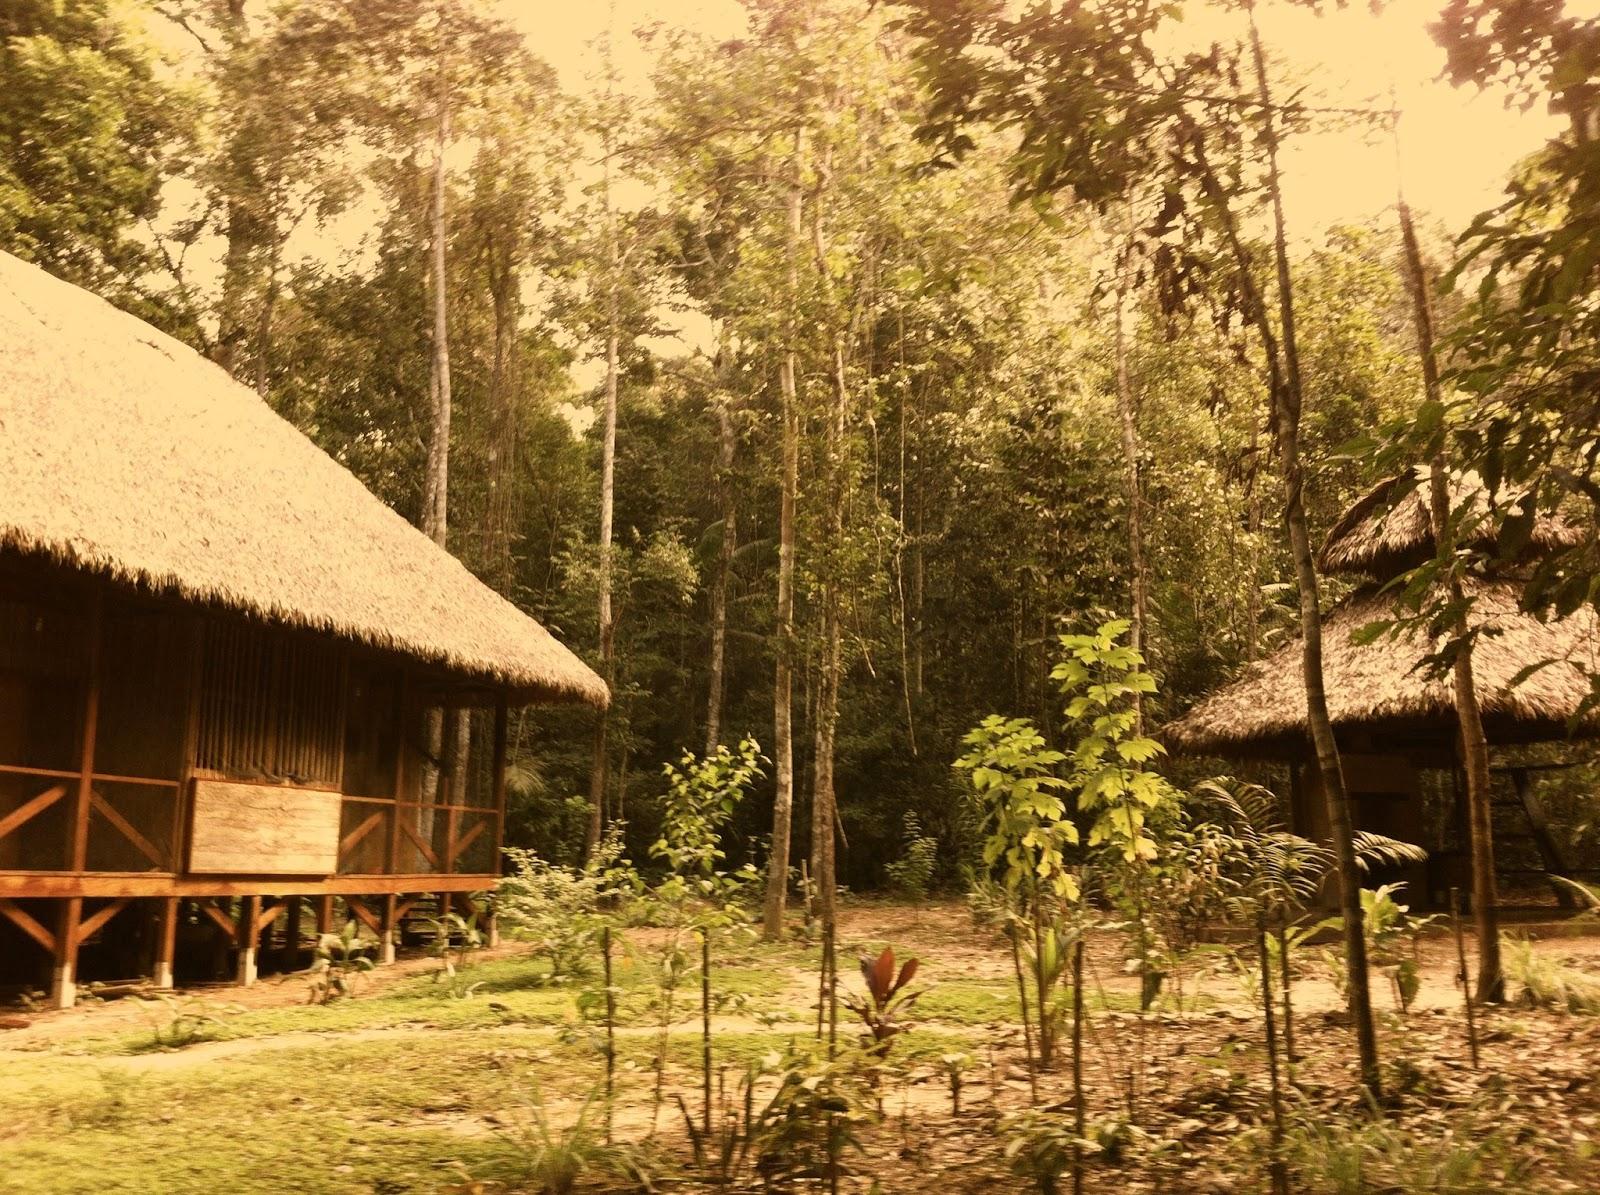 Innovaci n arquitect nica dise o y construcci n amazon - Construccion de bungalows ...